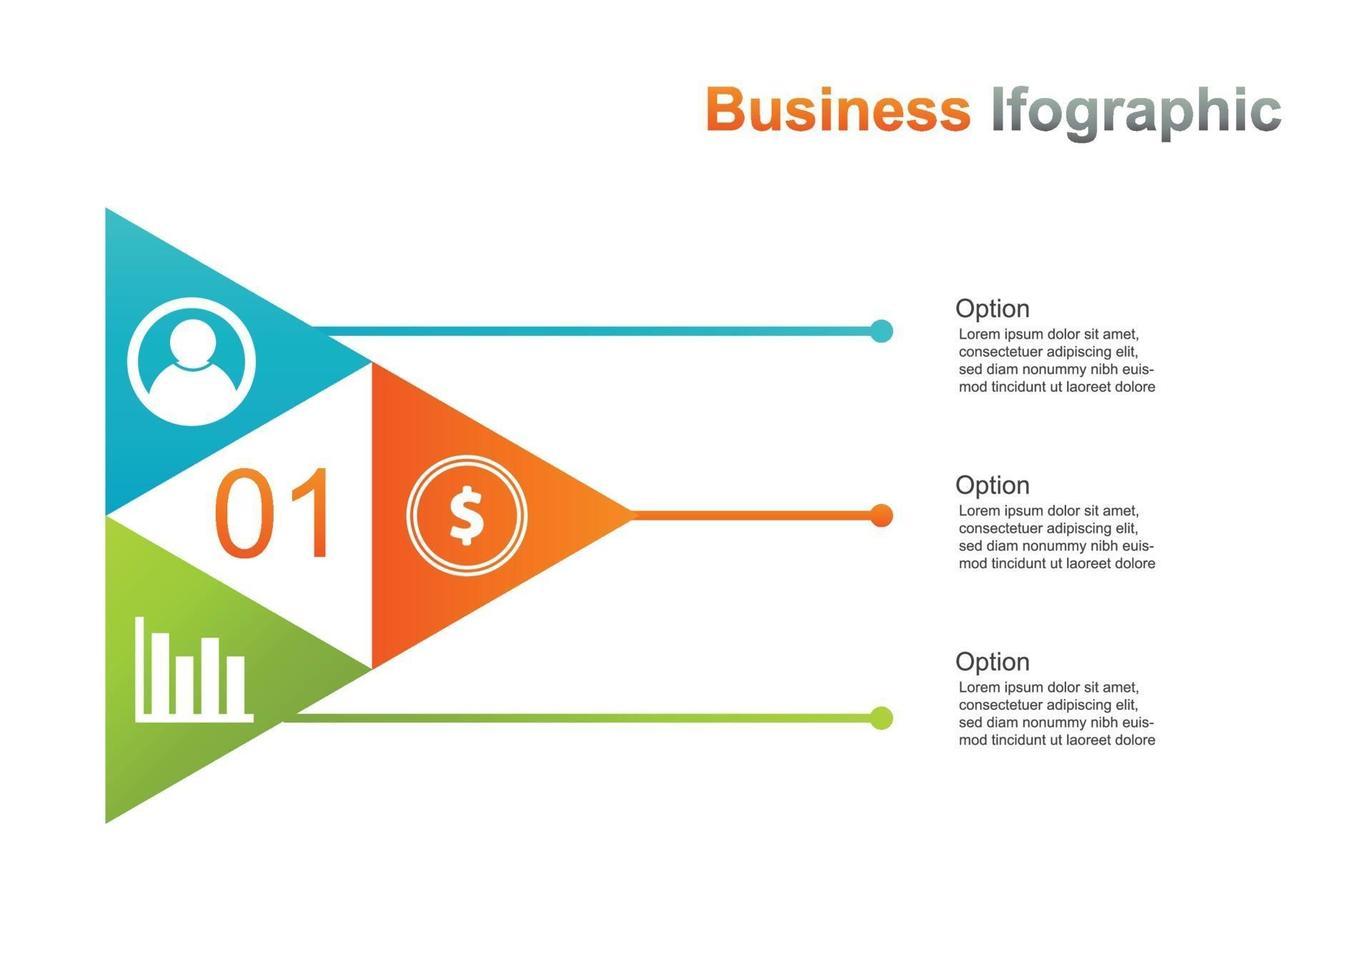 modello di progettazione infograpic aziendale. 3 opzione infografica illustrazione vettoriale. perfetto per marketing, promozione, elemento di design della presentazione vettore